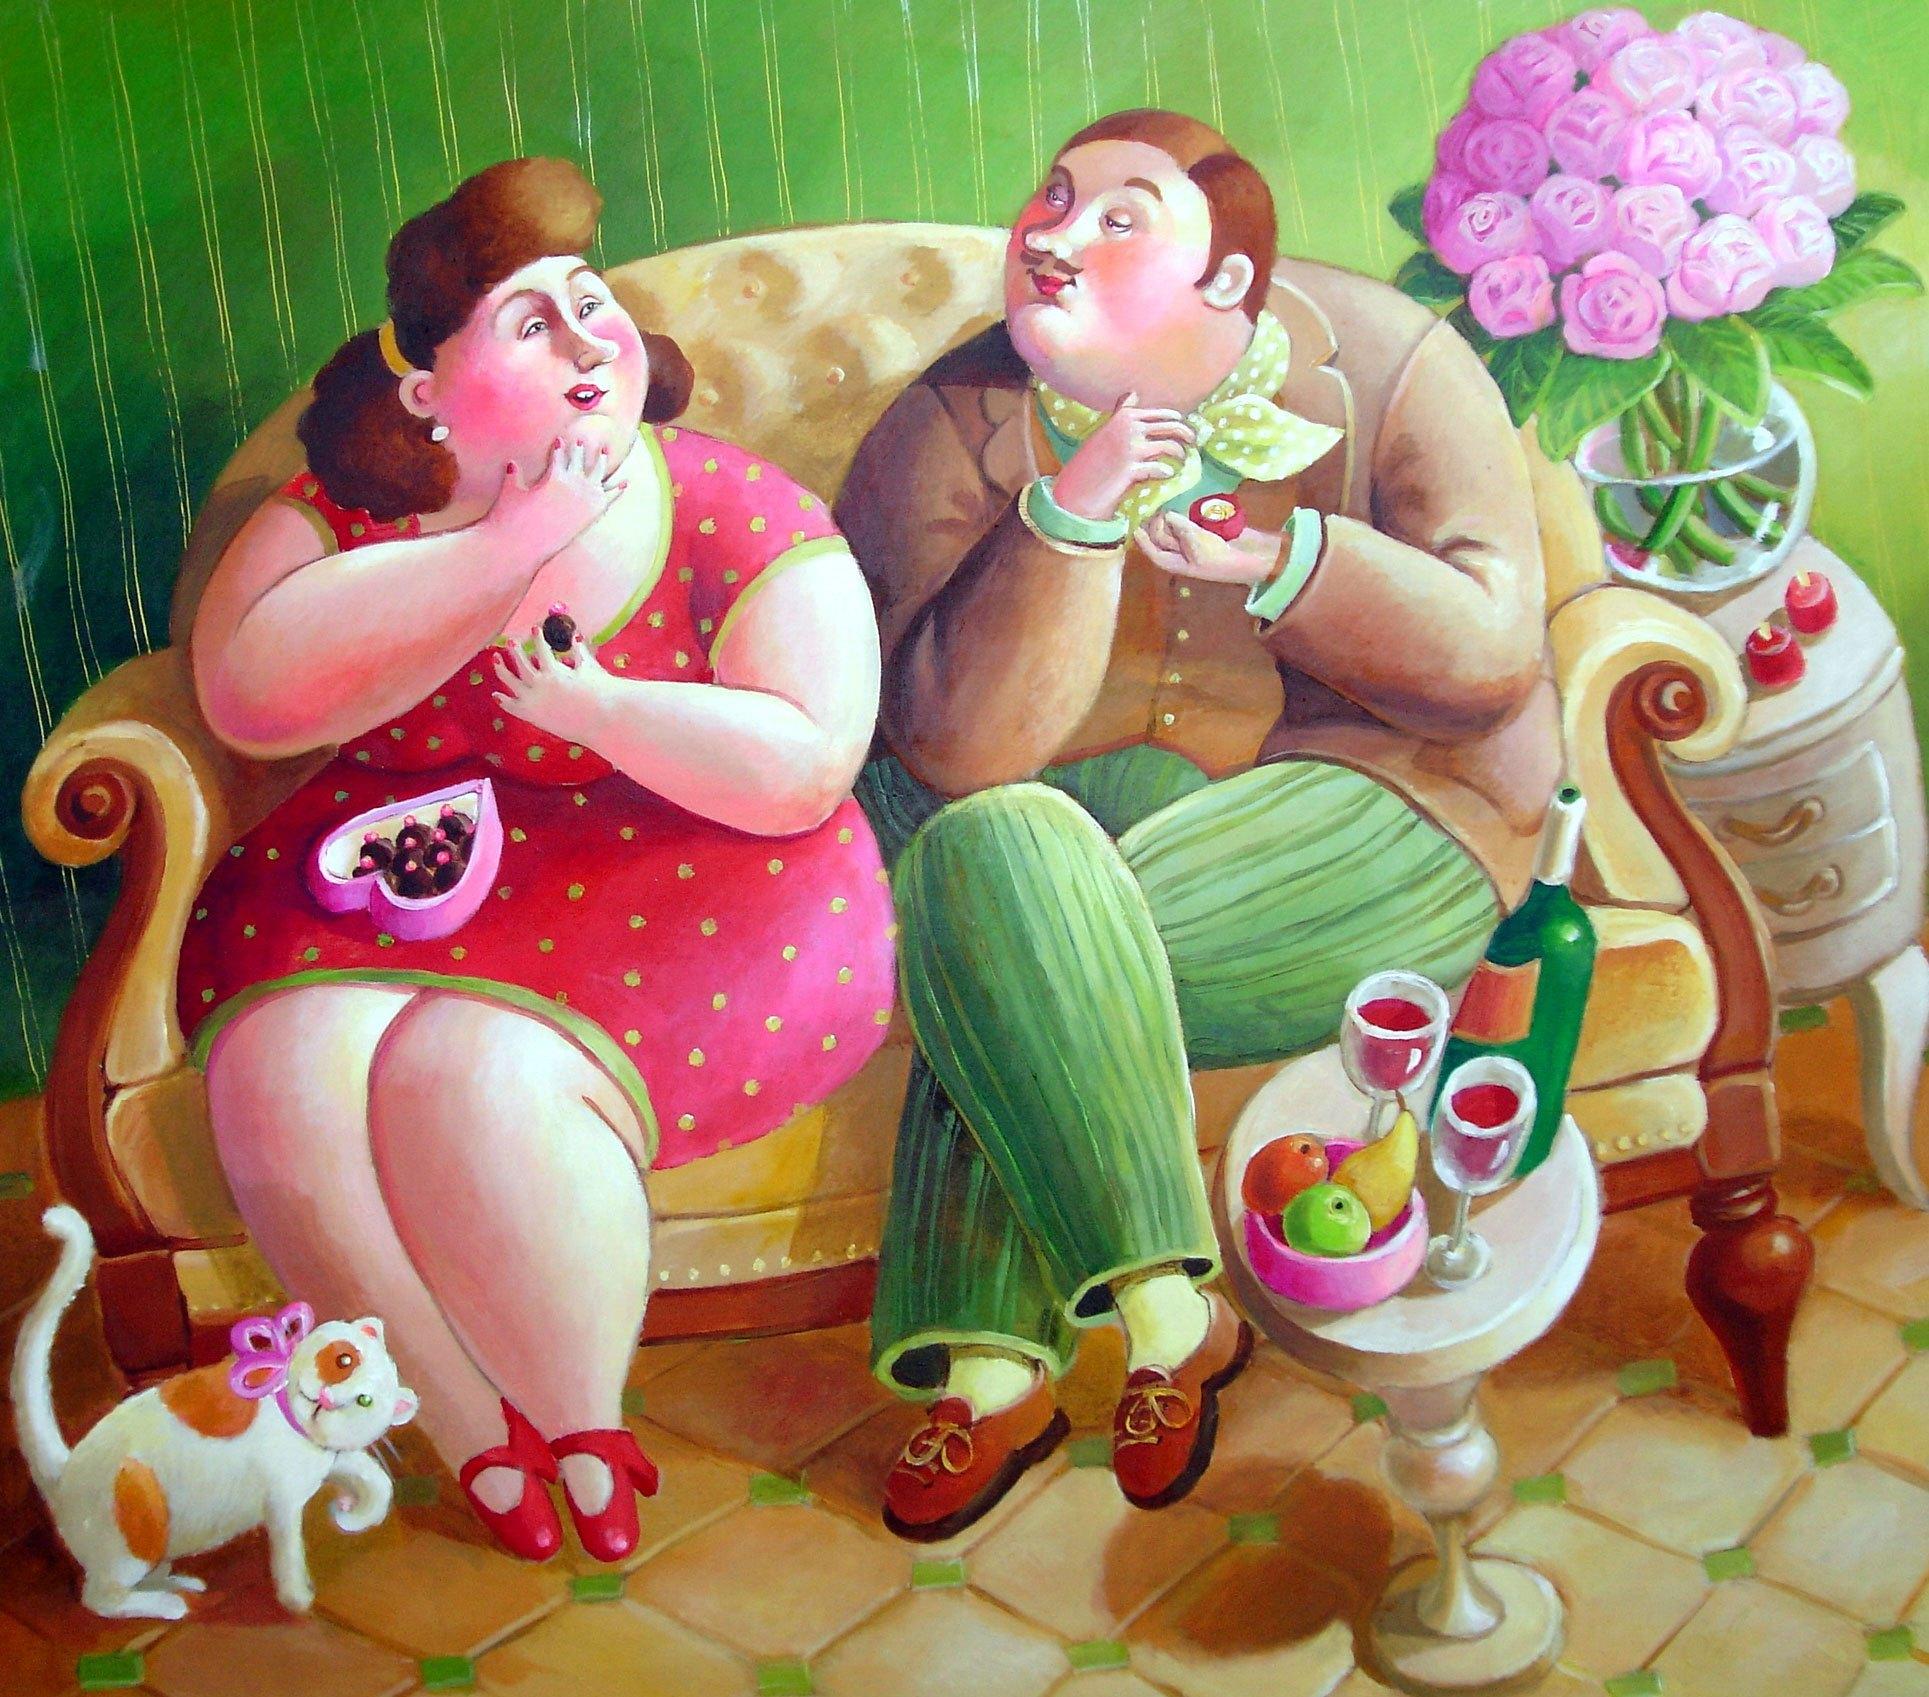 день толстяка и толстушки картинки прикольные пойти хороший границей